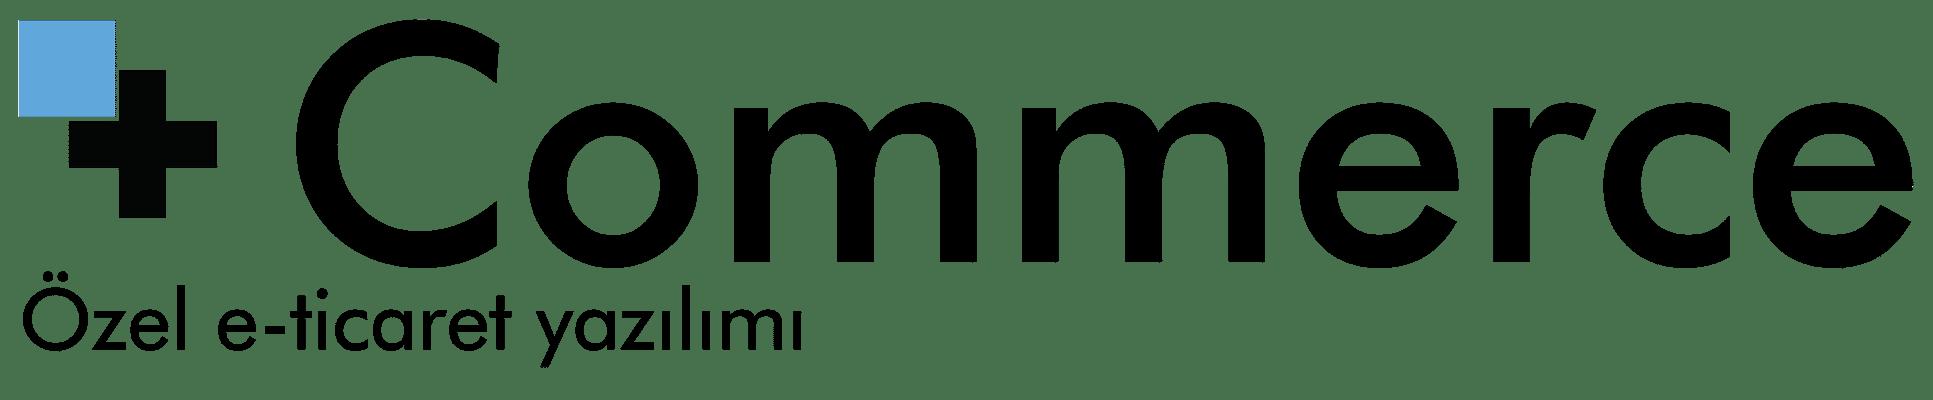 E-ticaret Yazılımı - PlusCommerce